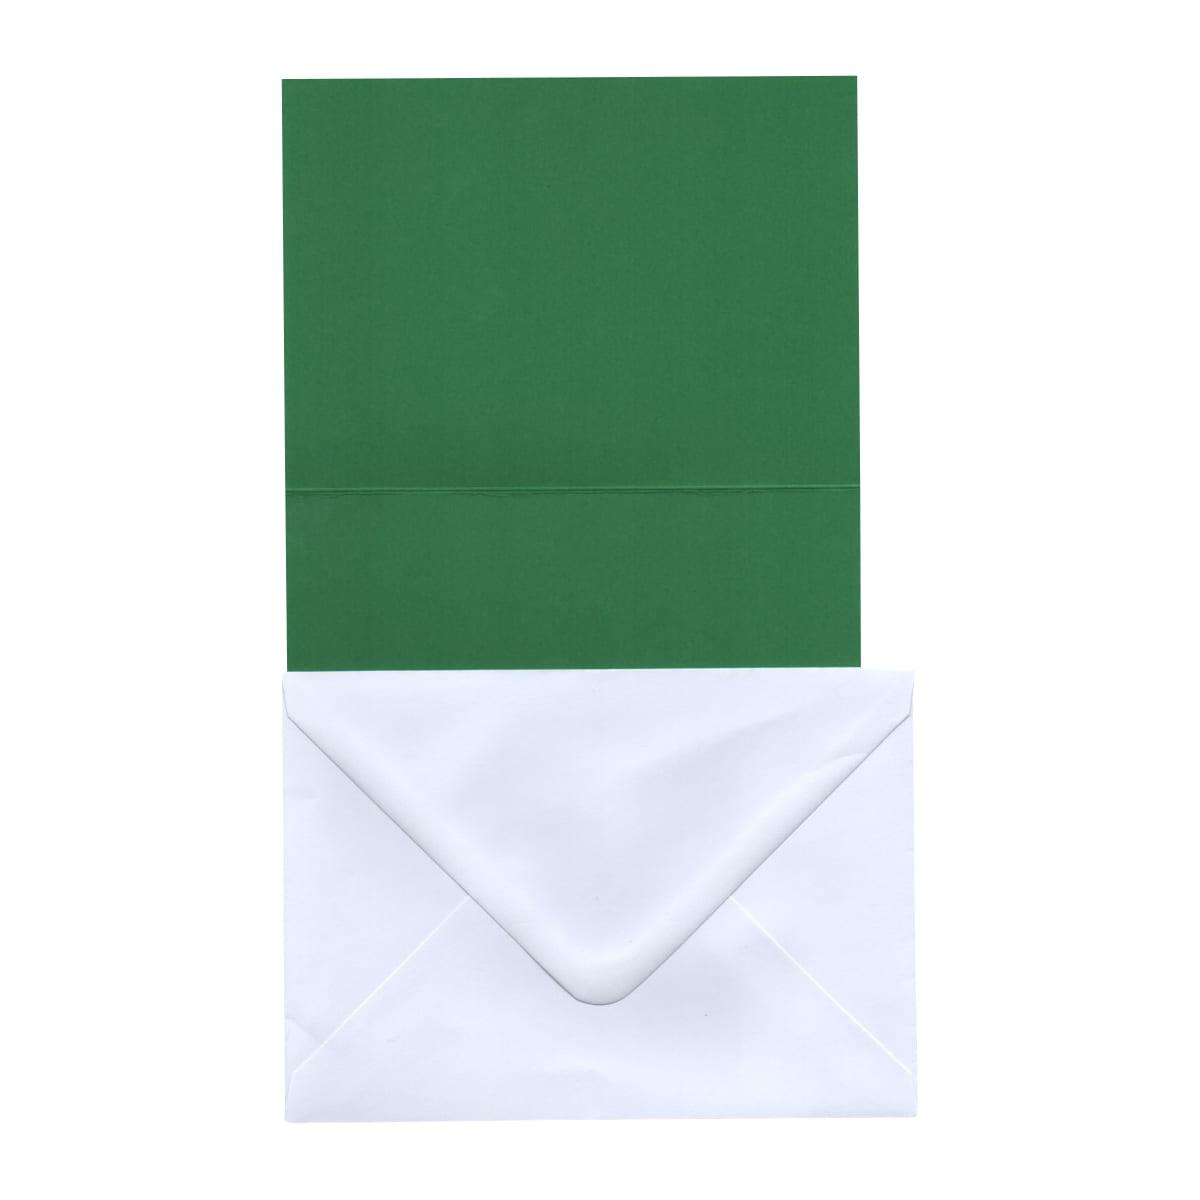 A6 DARK GREEN CARD BLANKS & WHITE ENVELOPES (PACK OF 20)